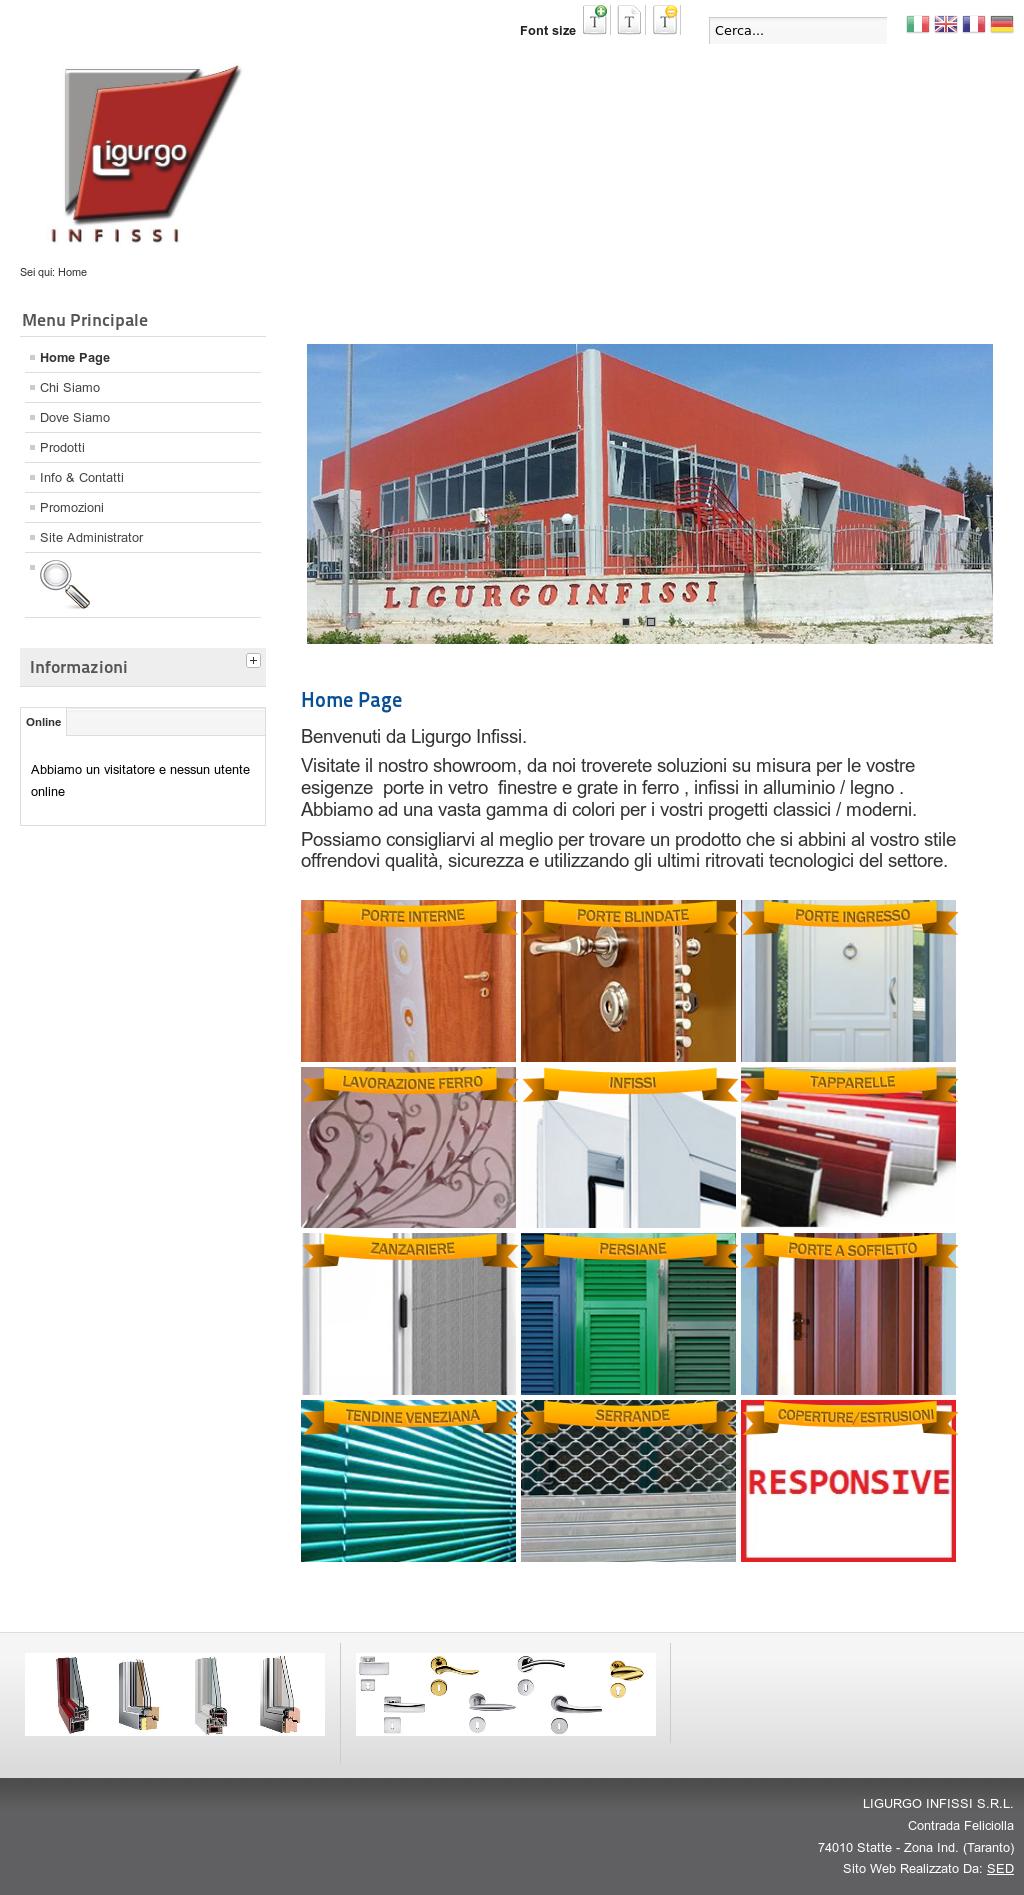 Colori Infissi In Alluminio ligurgo infissi s.r.l competitors, revenue and employees